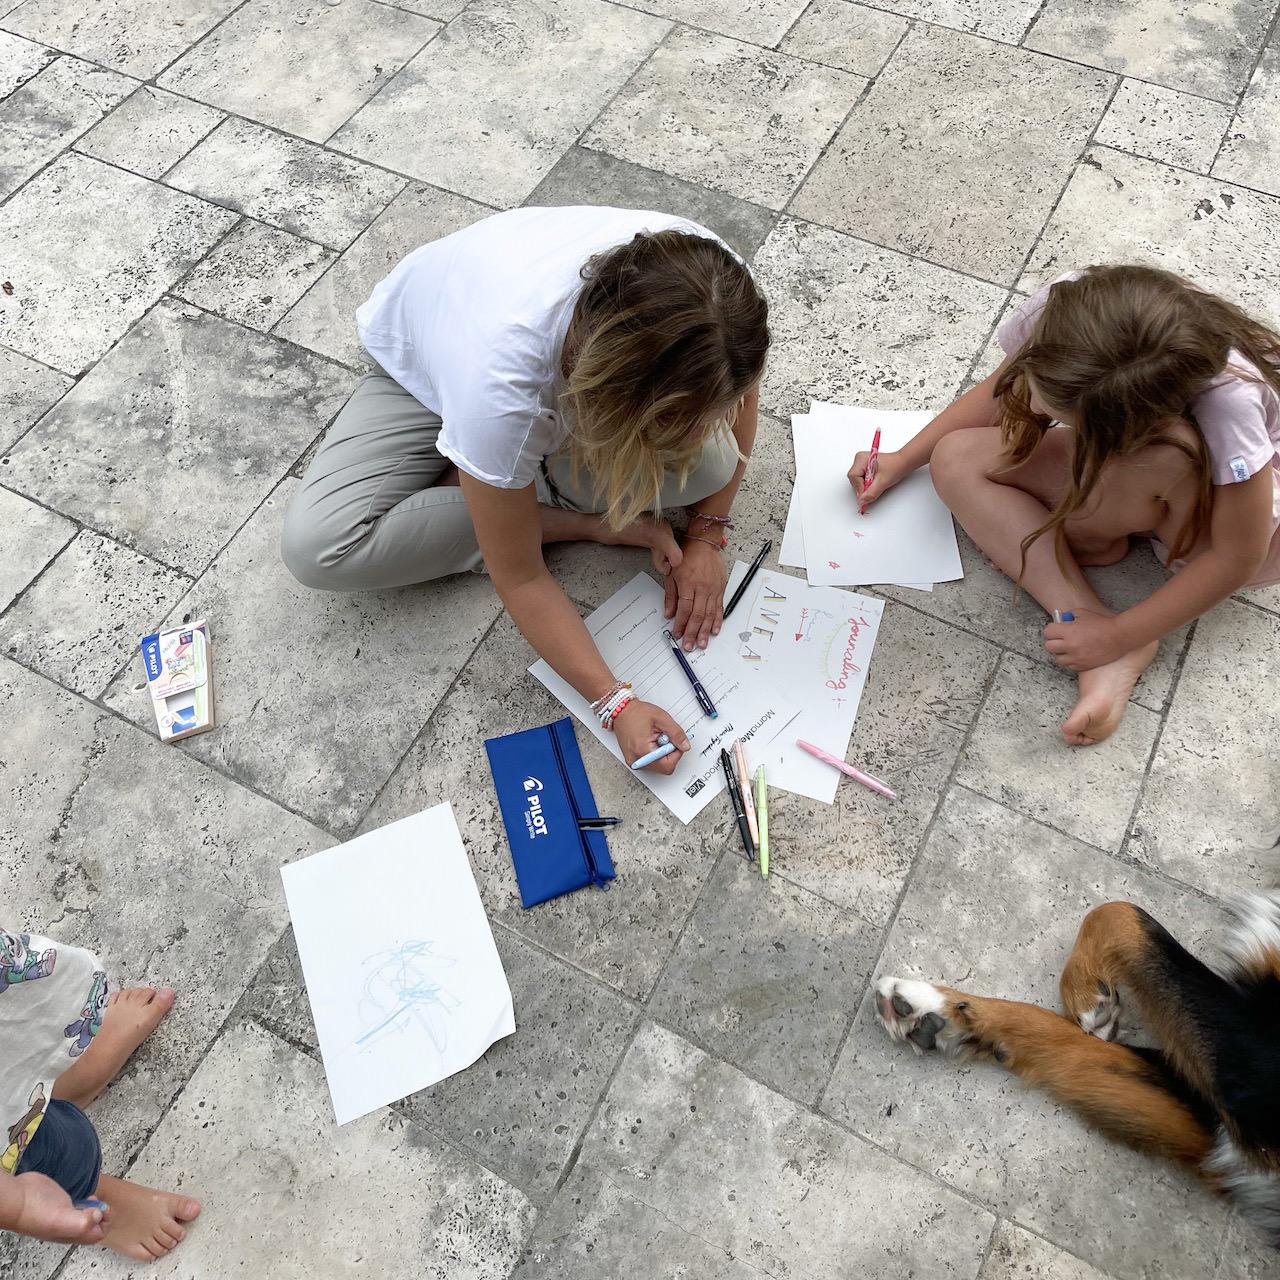 Immer mit dabei, wenn es um Stifte geht - die zwei Kleinen sind begeistert, wenn Verena ihr Tagebuch schreibt.